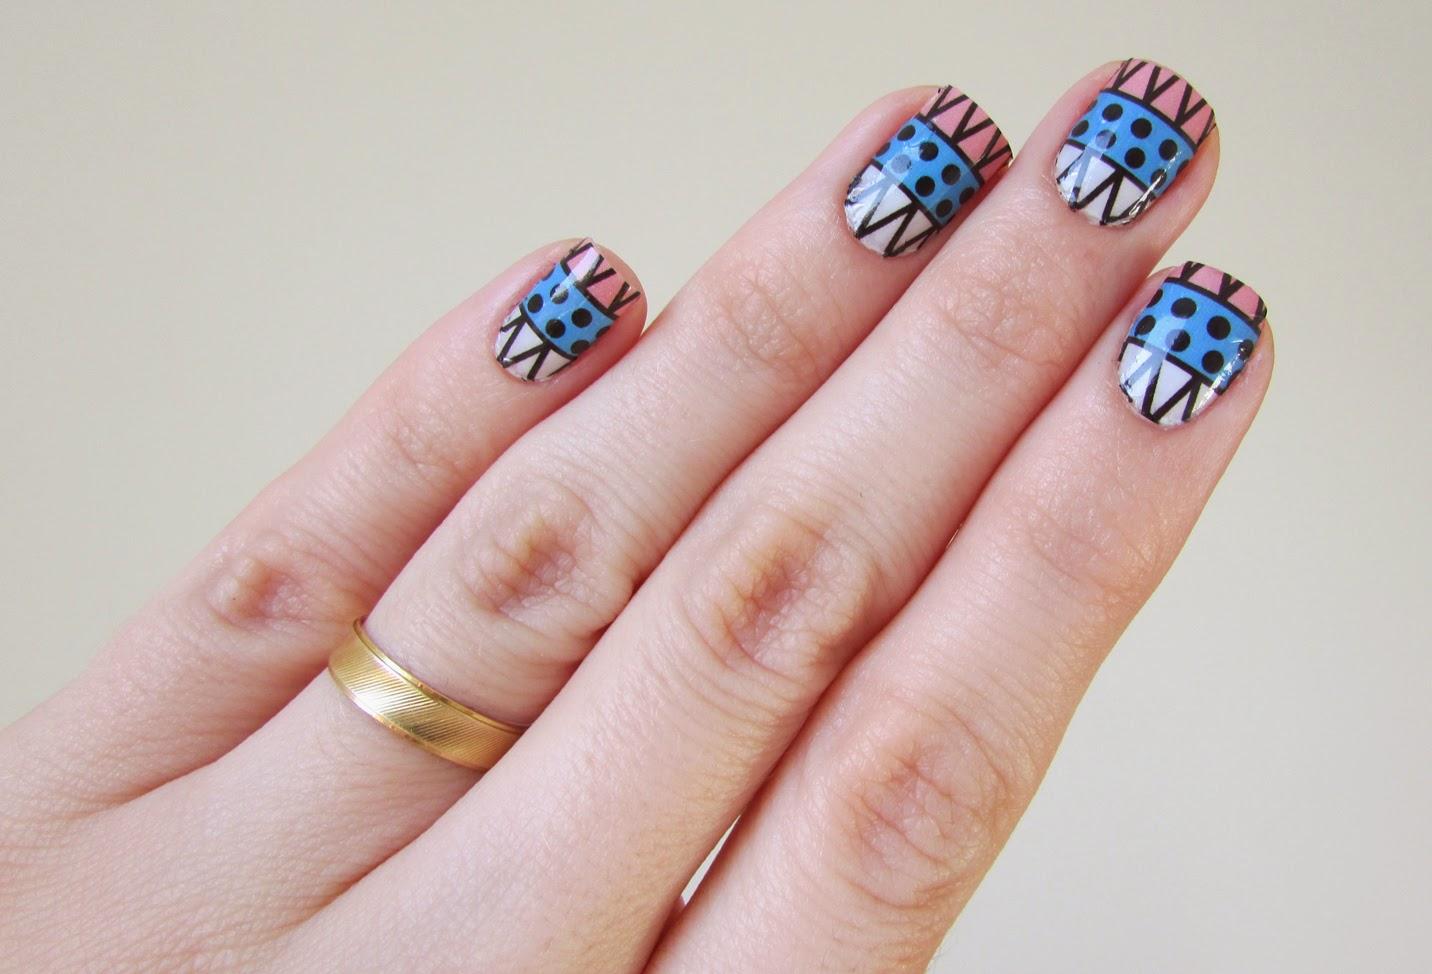 Unha nail art película estilo etnico Sindy Francesinhas